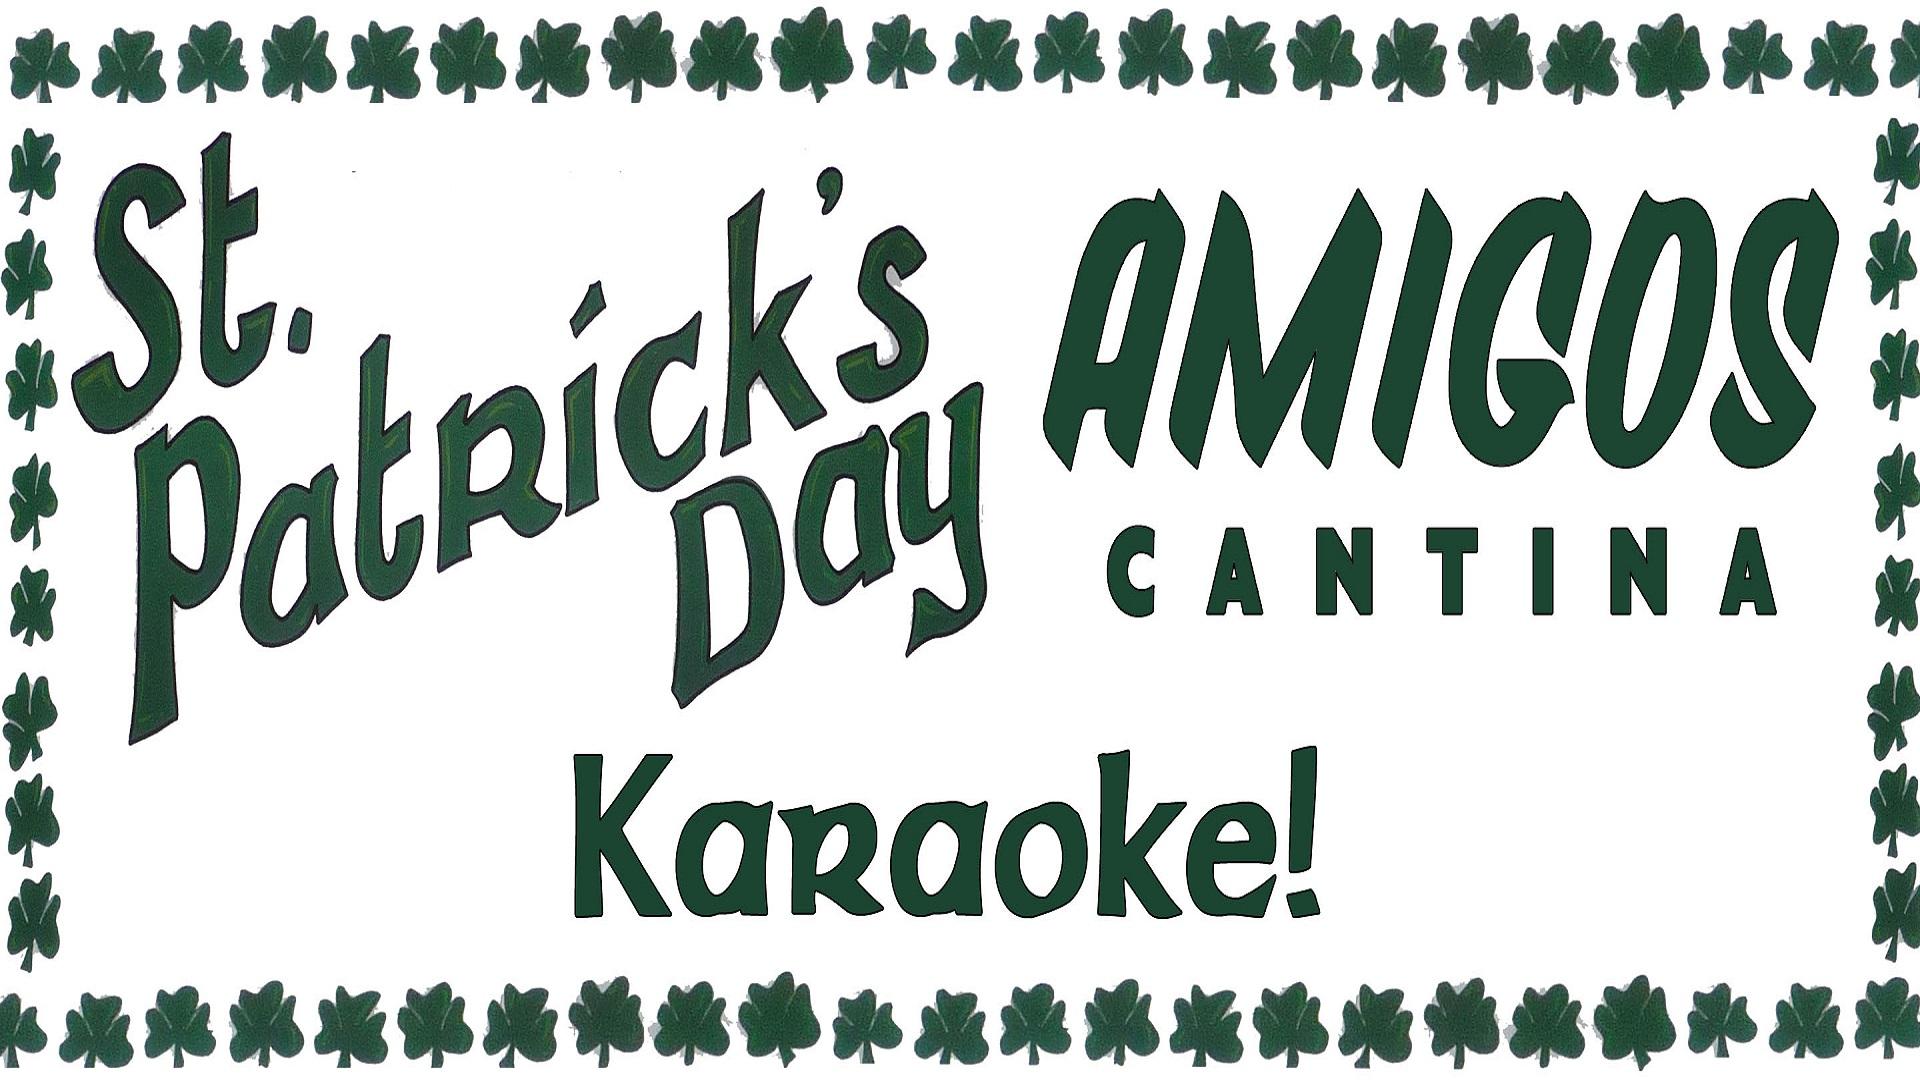 St. Patrick's Day Karaoke at Amigos!